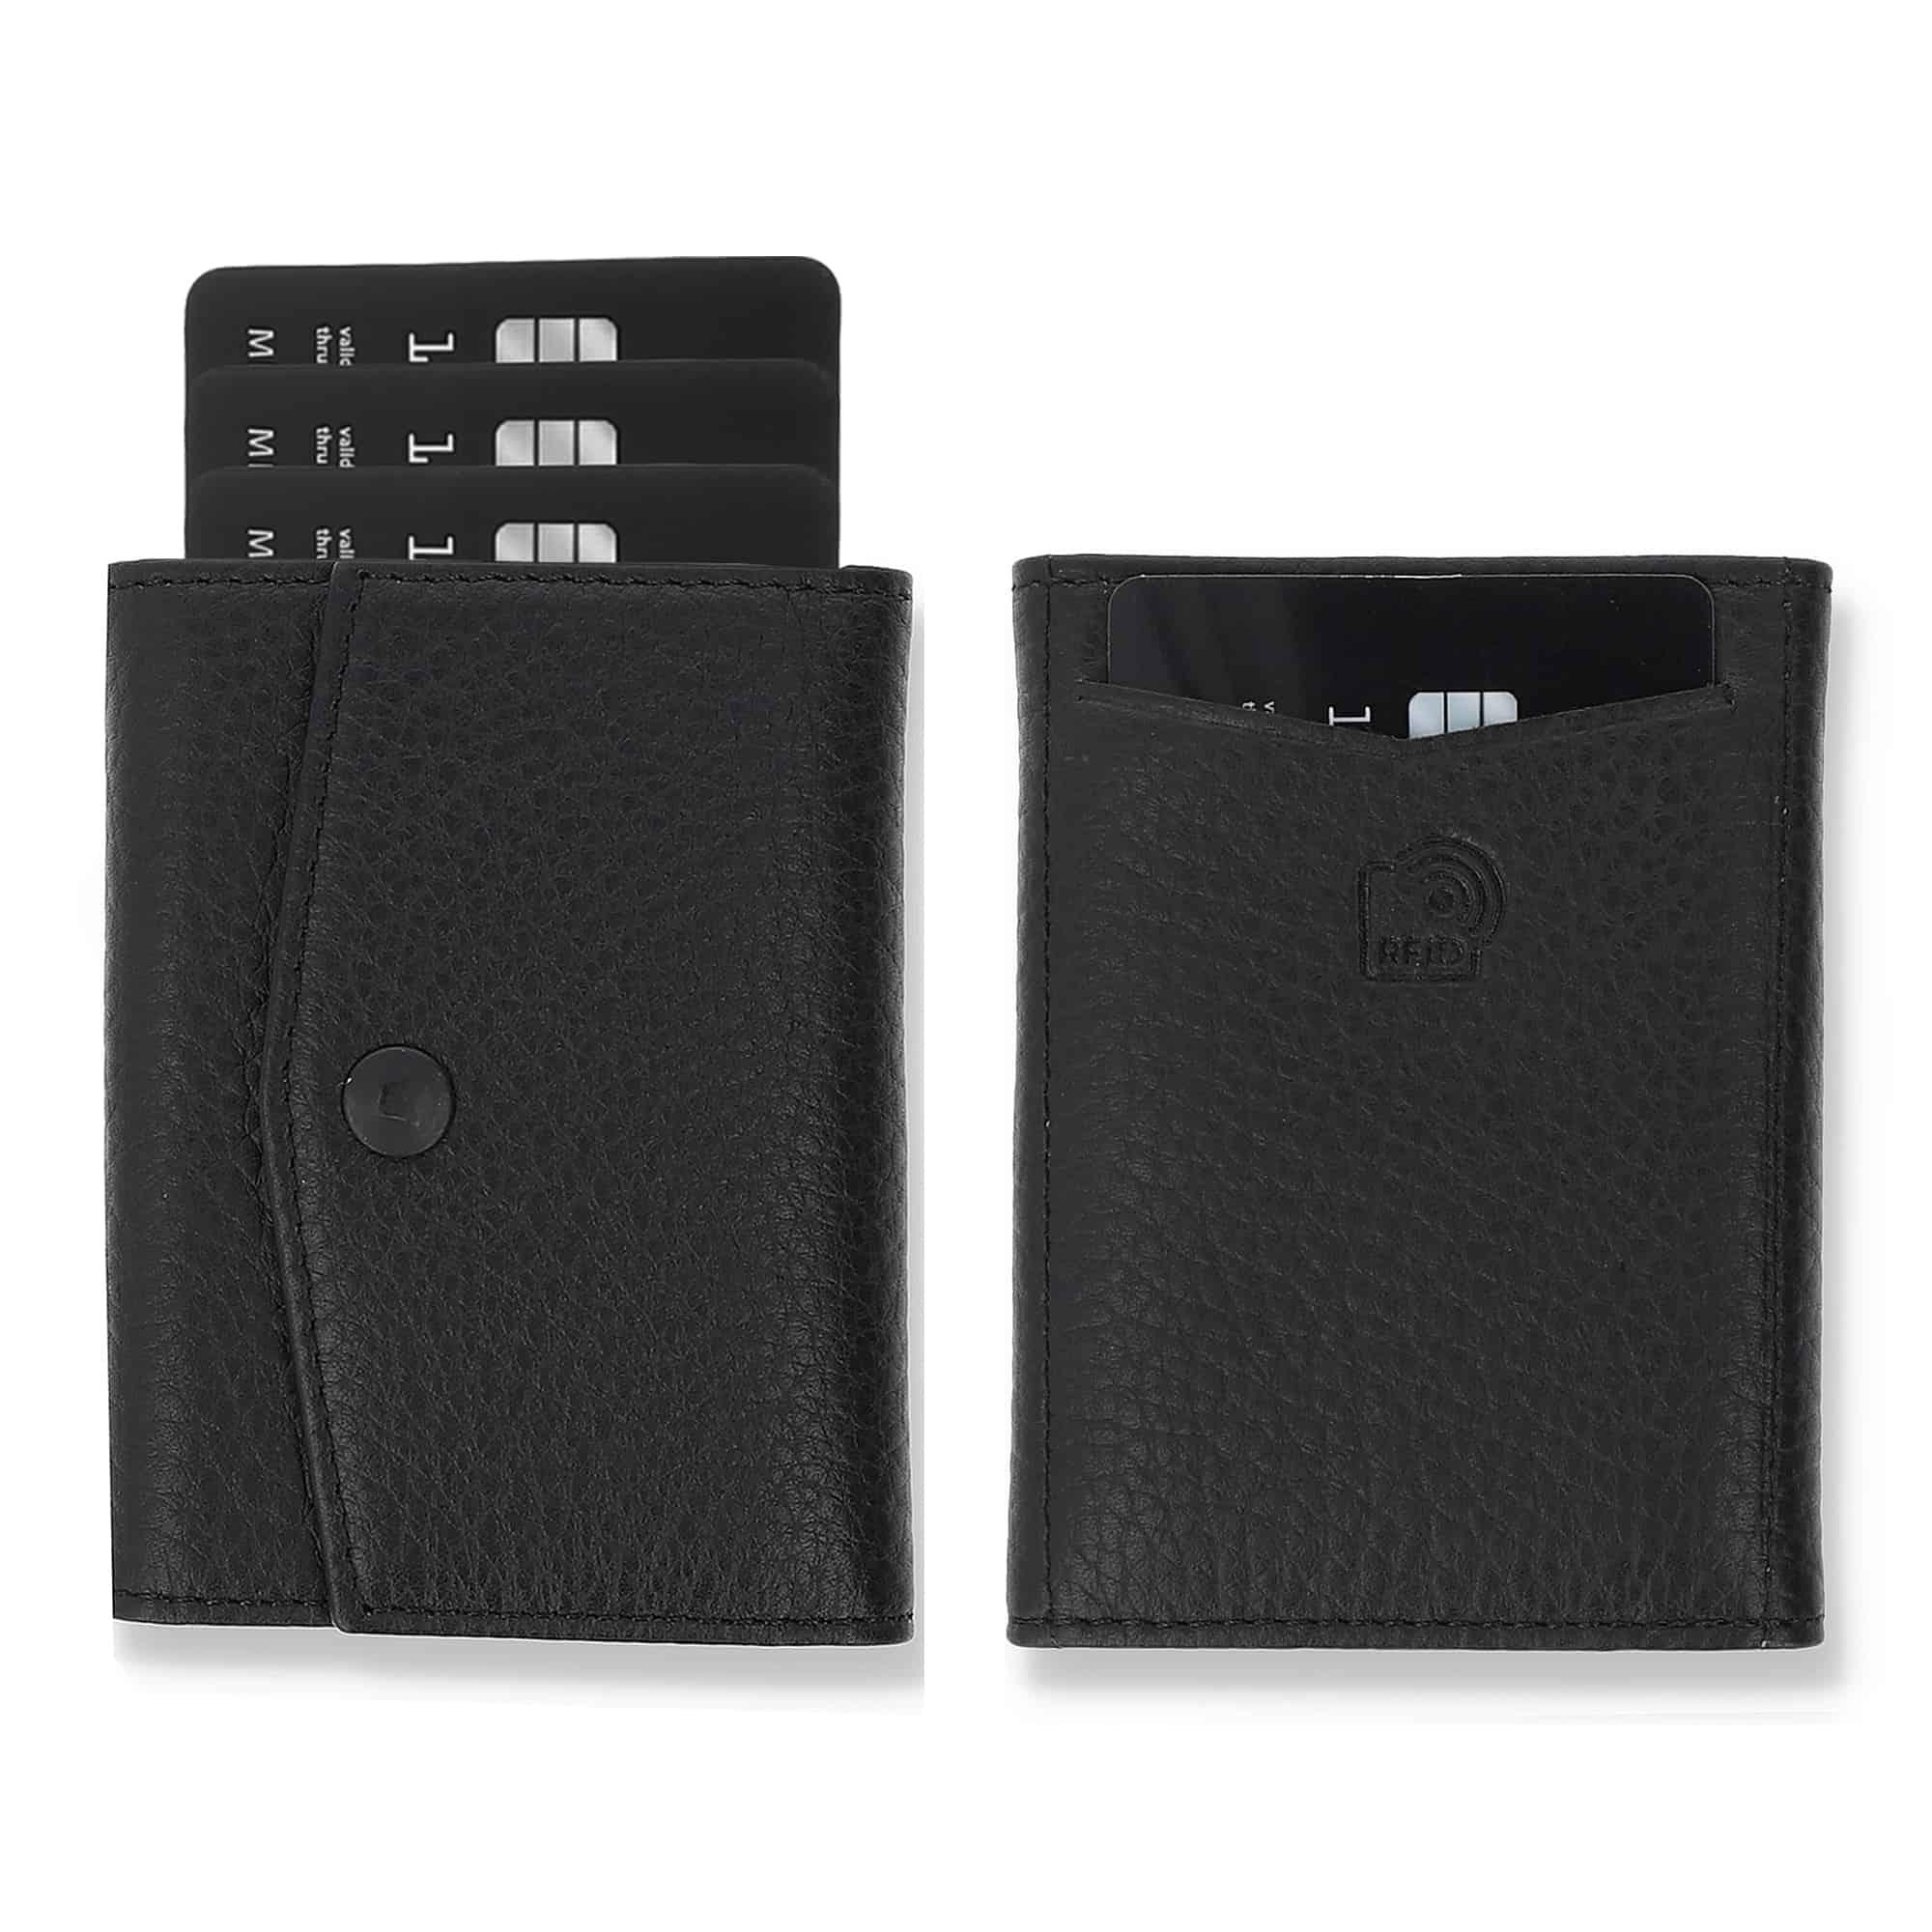 Slim Wallet mit Münzfach I Platz für mindestens 12 Karten I Mini Portemonnaie für Herren und Damen (Steingrau, mit Münzfach)